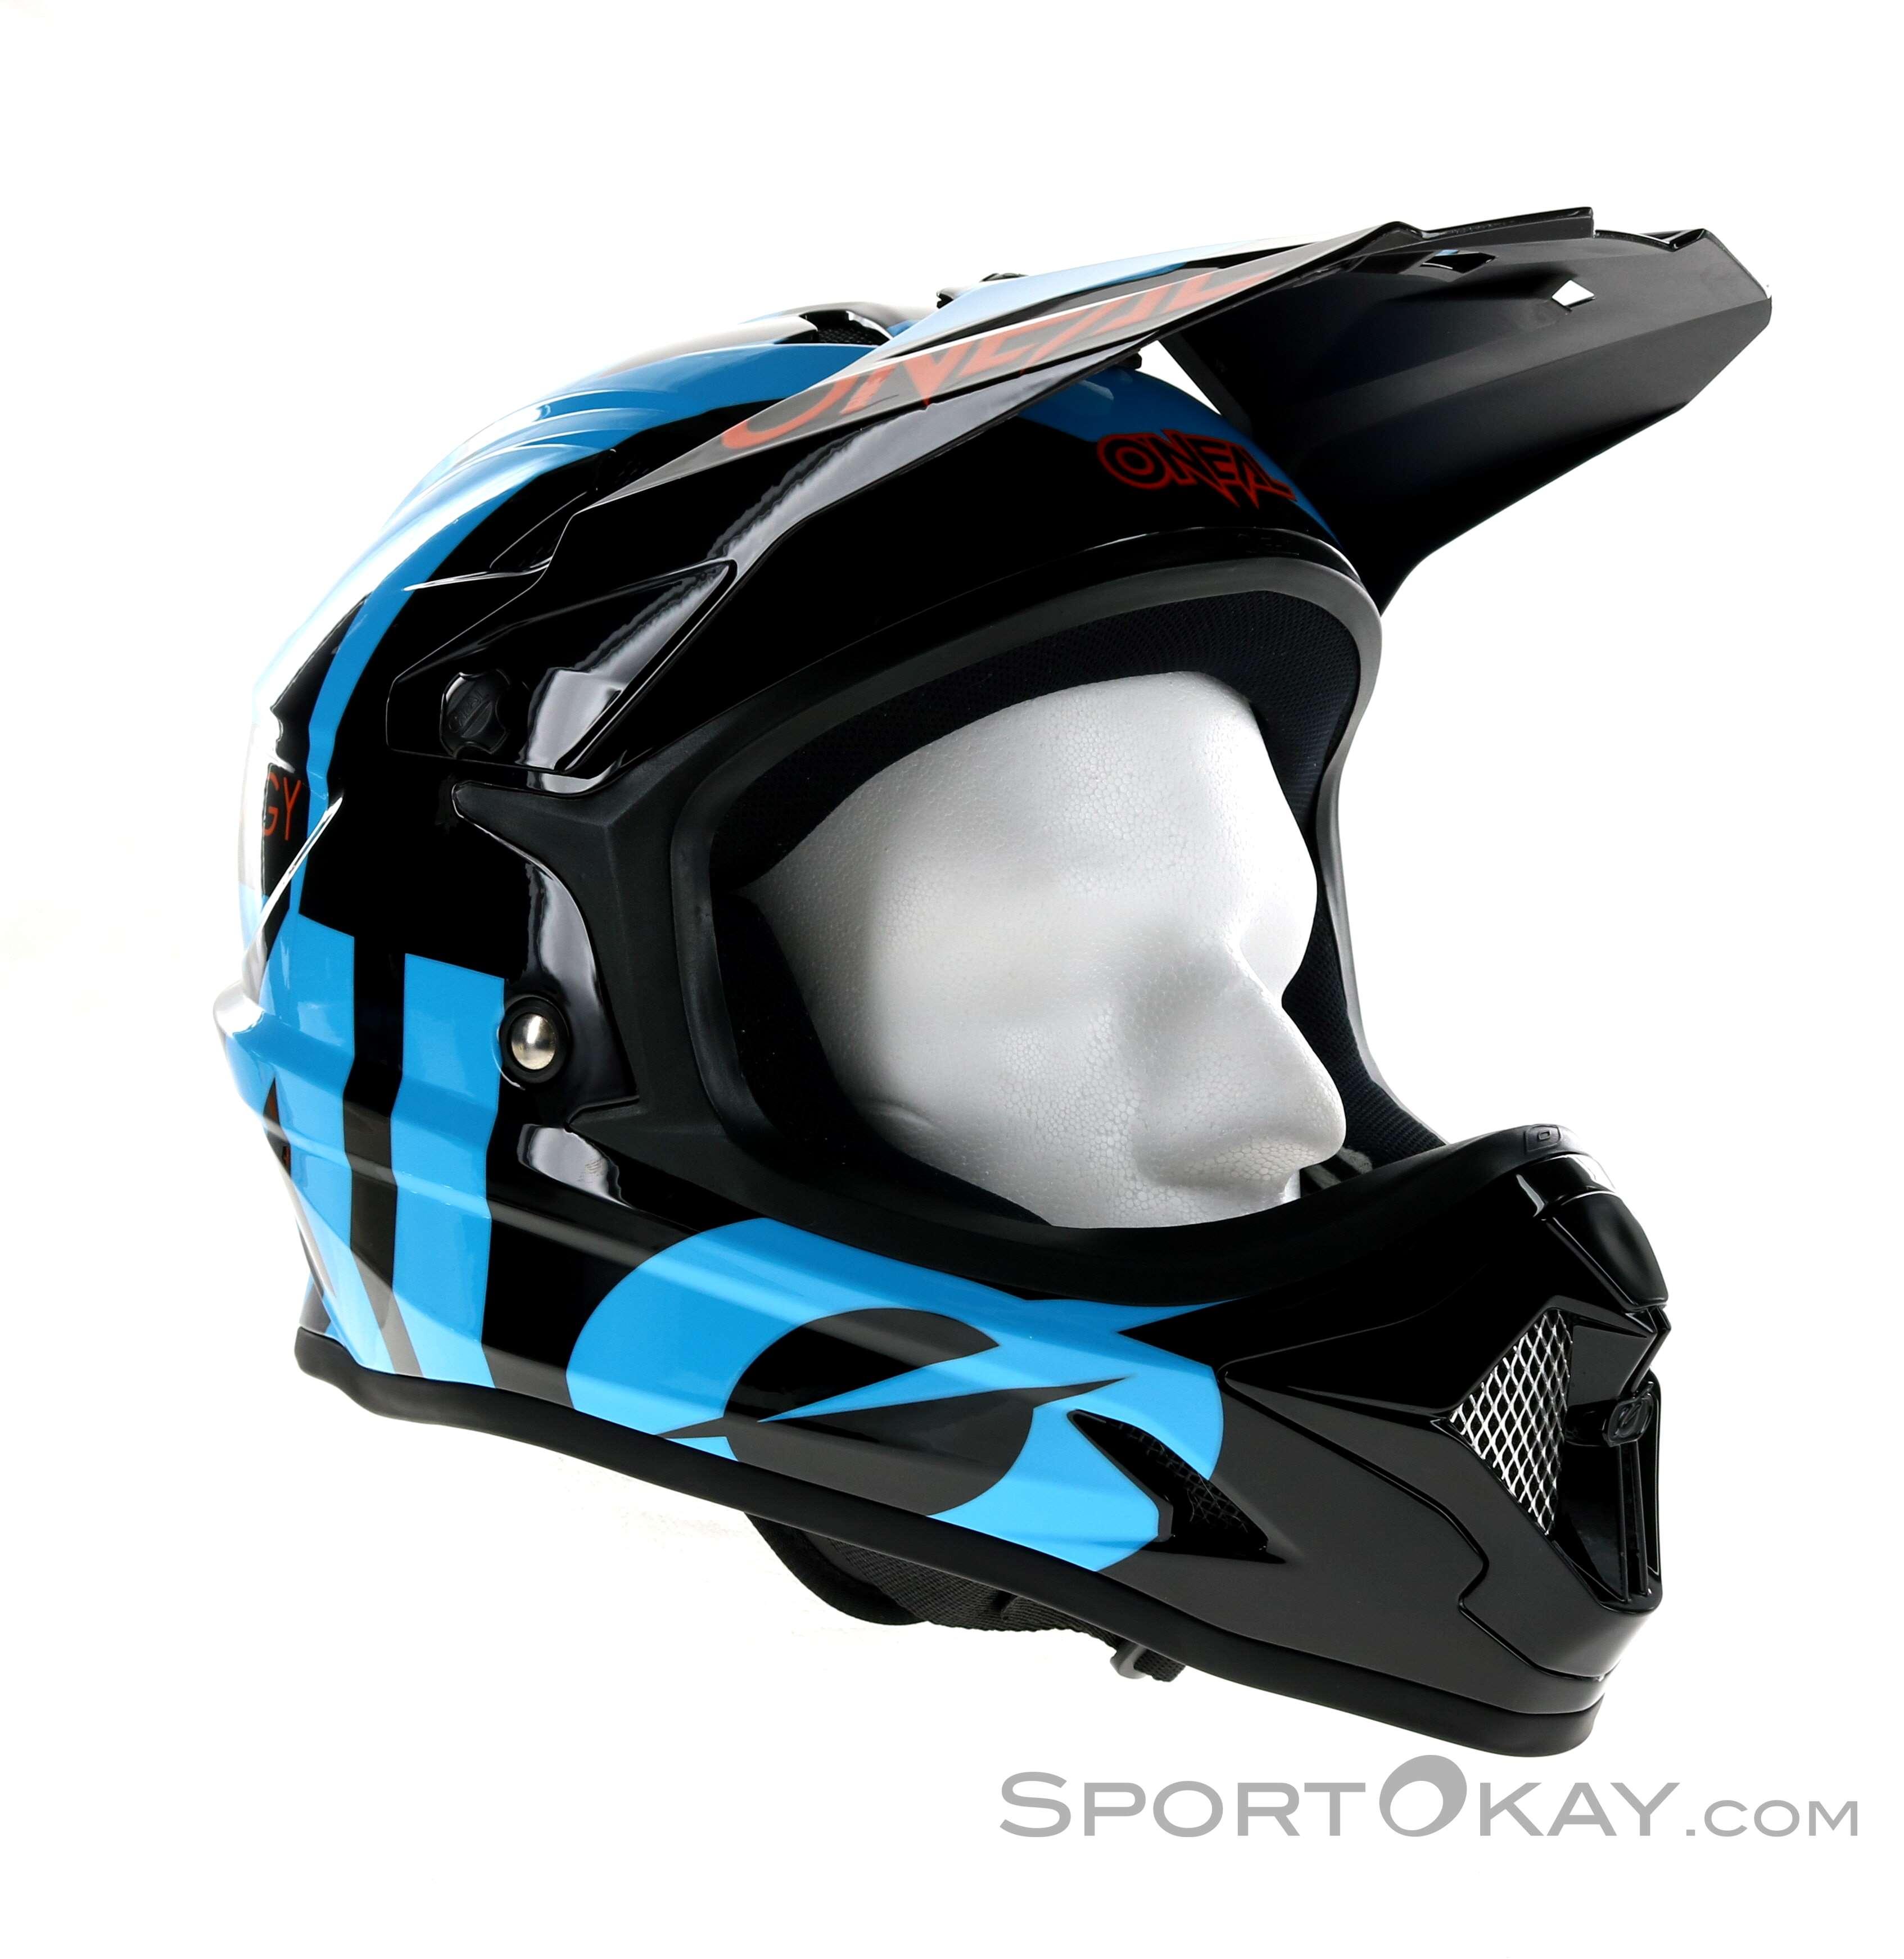 Oneal Oneal Backflip Slick Downhill Helmet